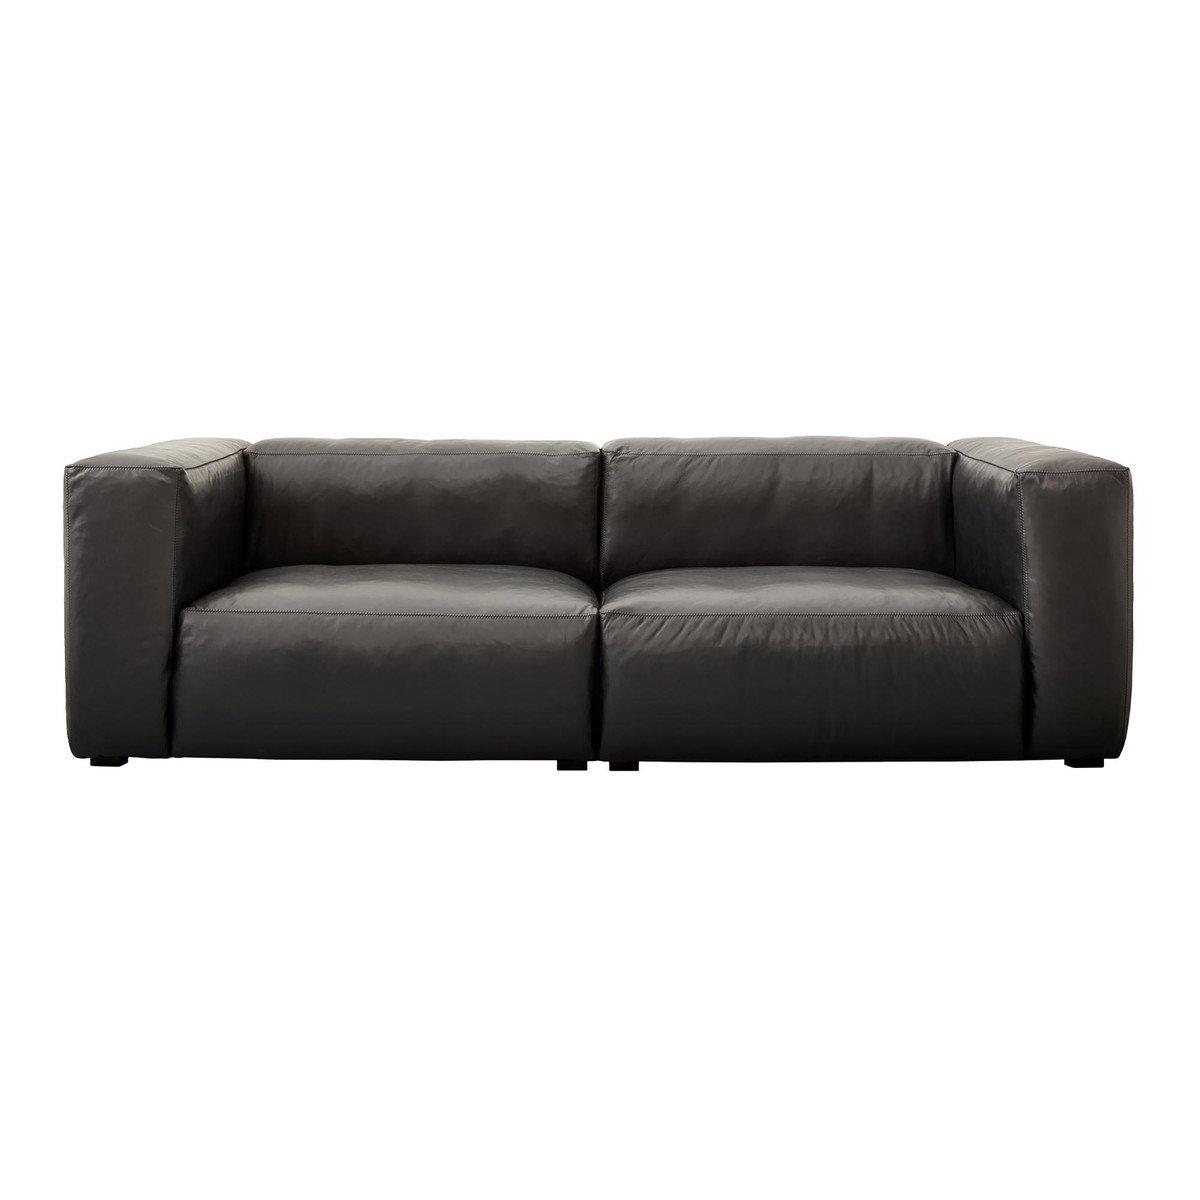 mags soft 2 5 sitzer ledersofa hay. Black Bedroom Furniture Sets. Home Design Ideas